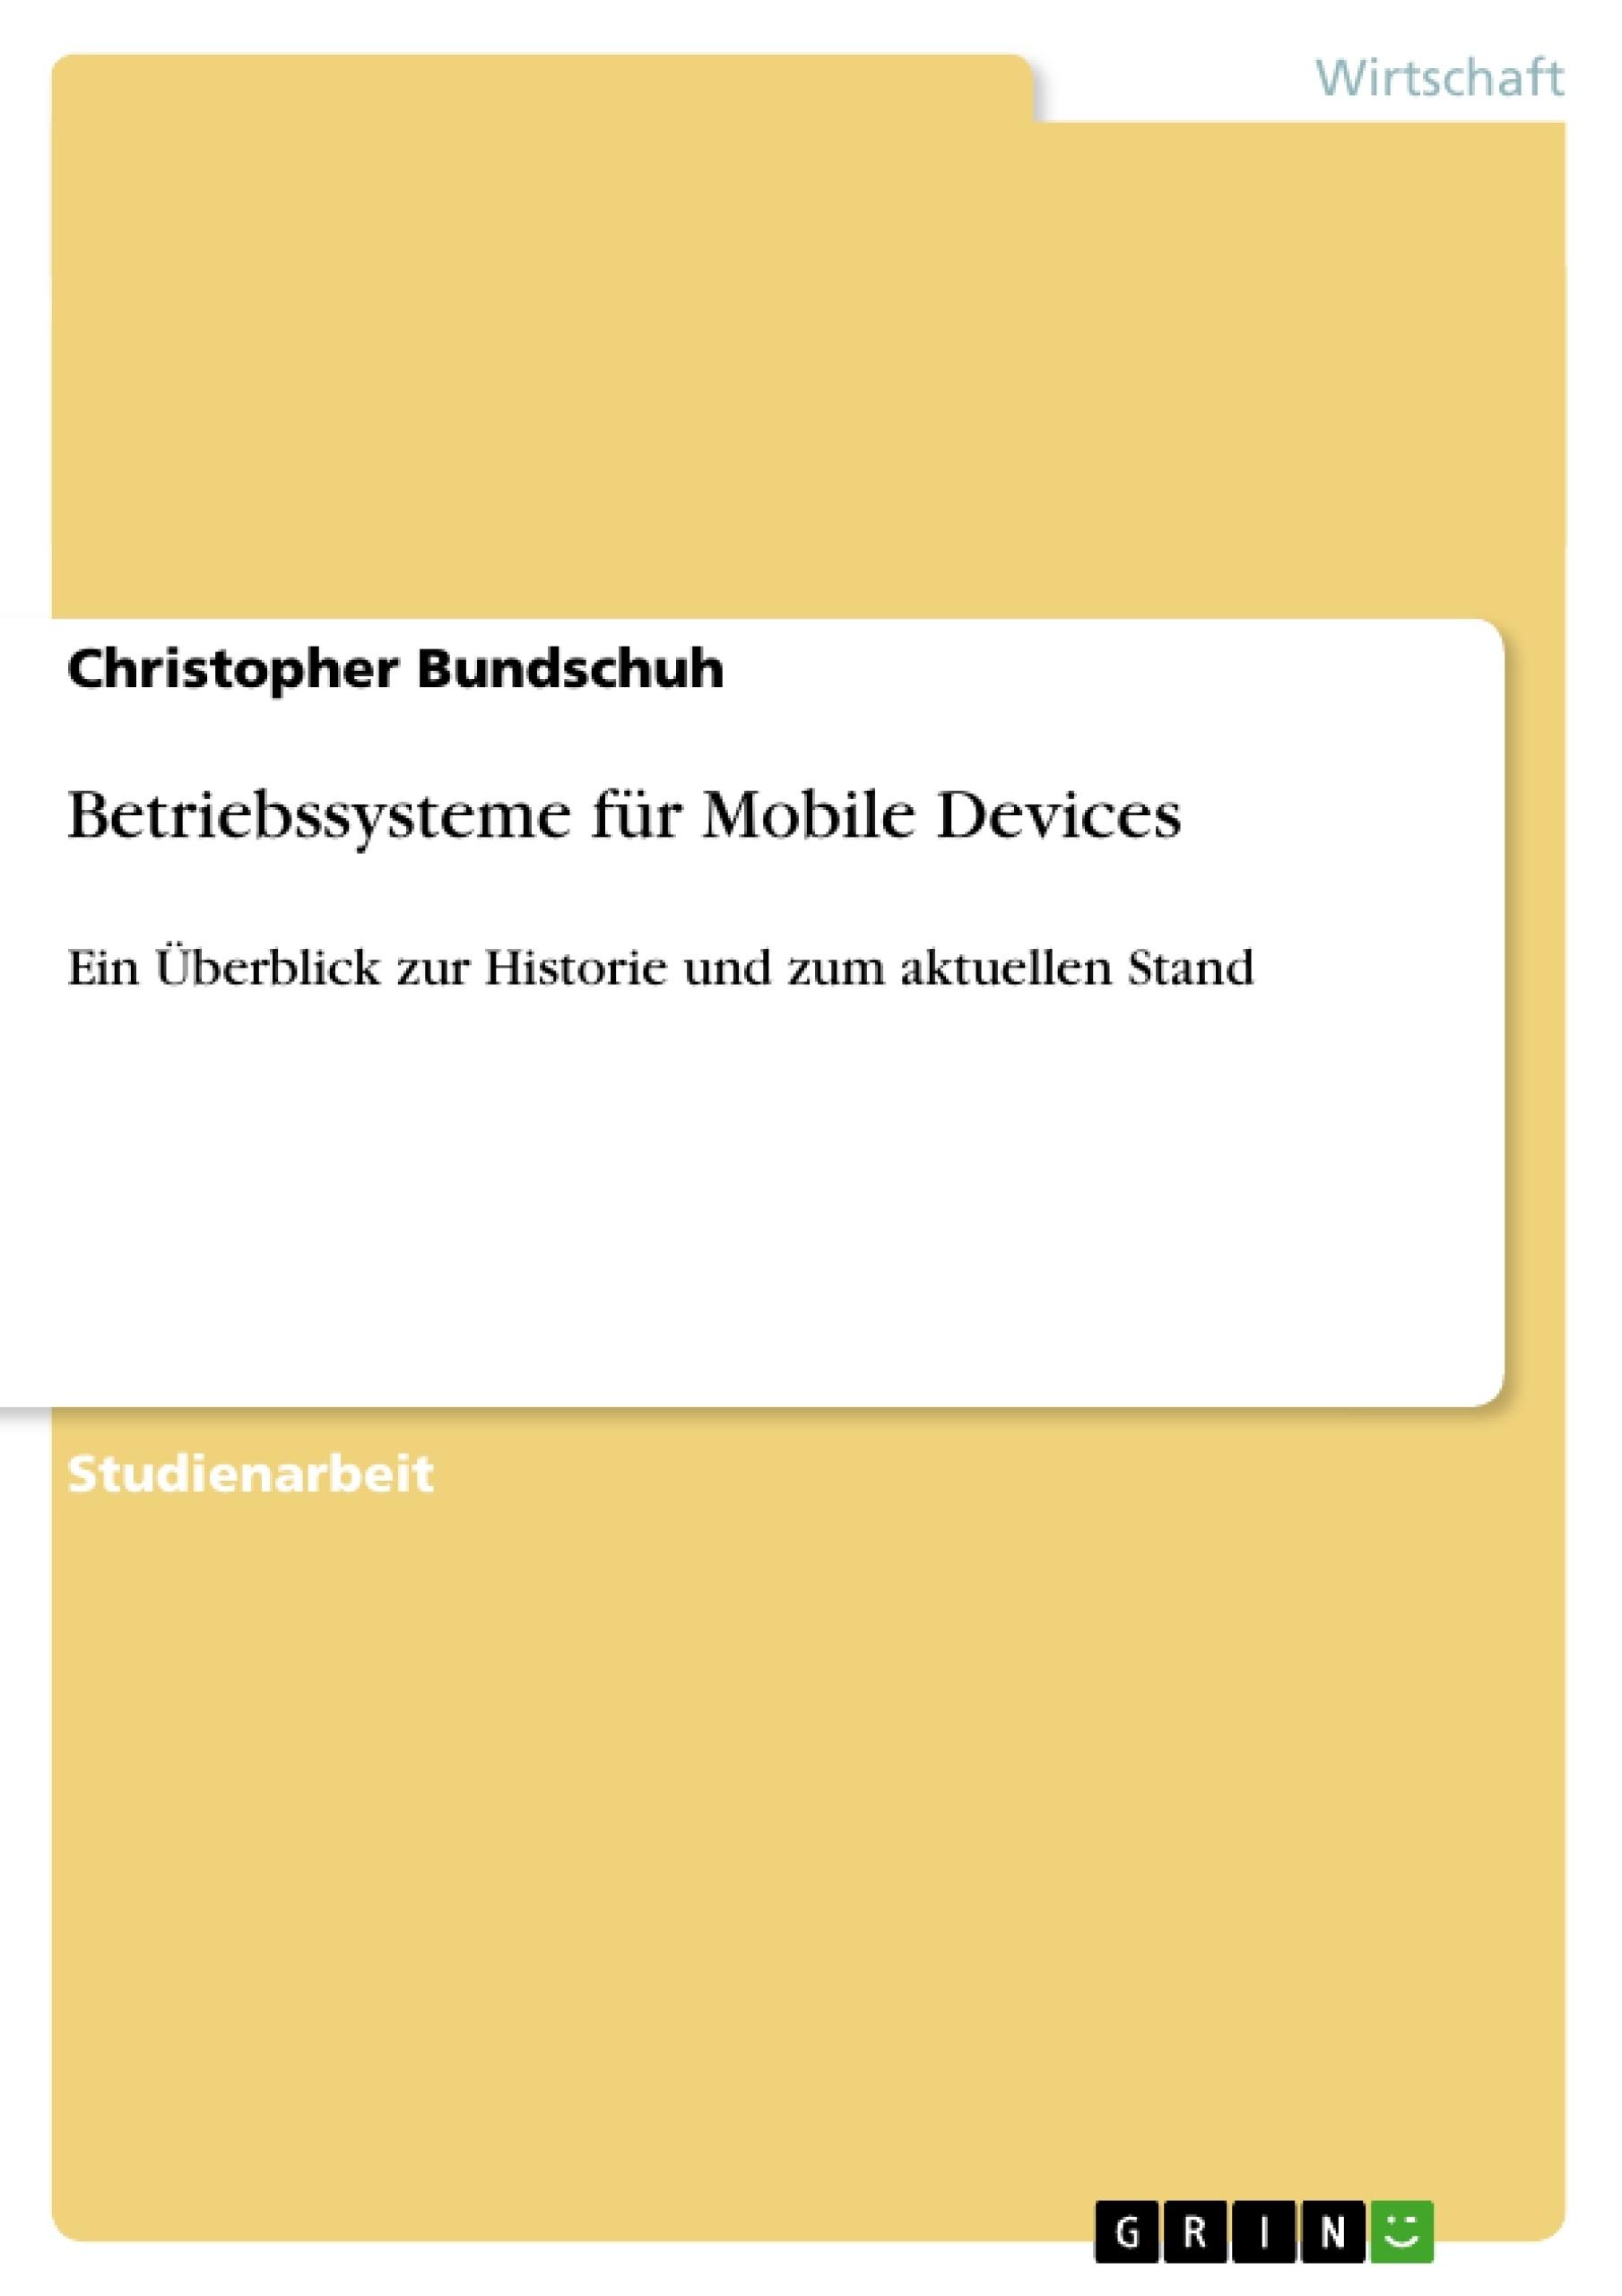 Titel: Betriebssysteme für Mobile Devices